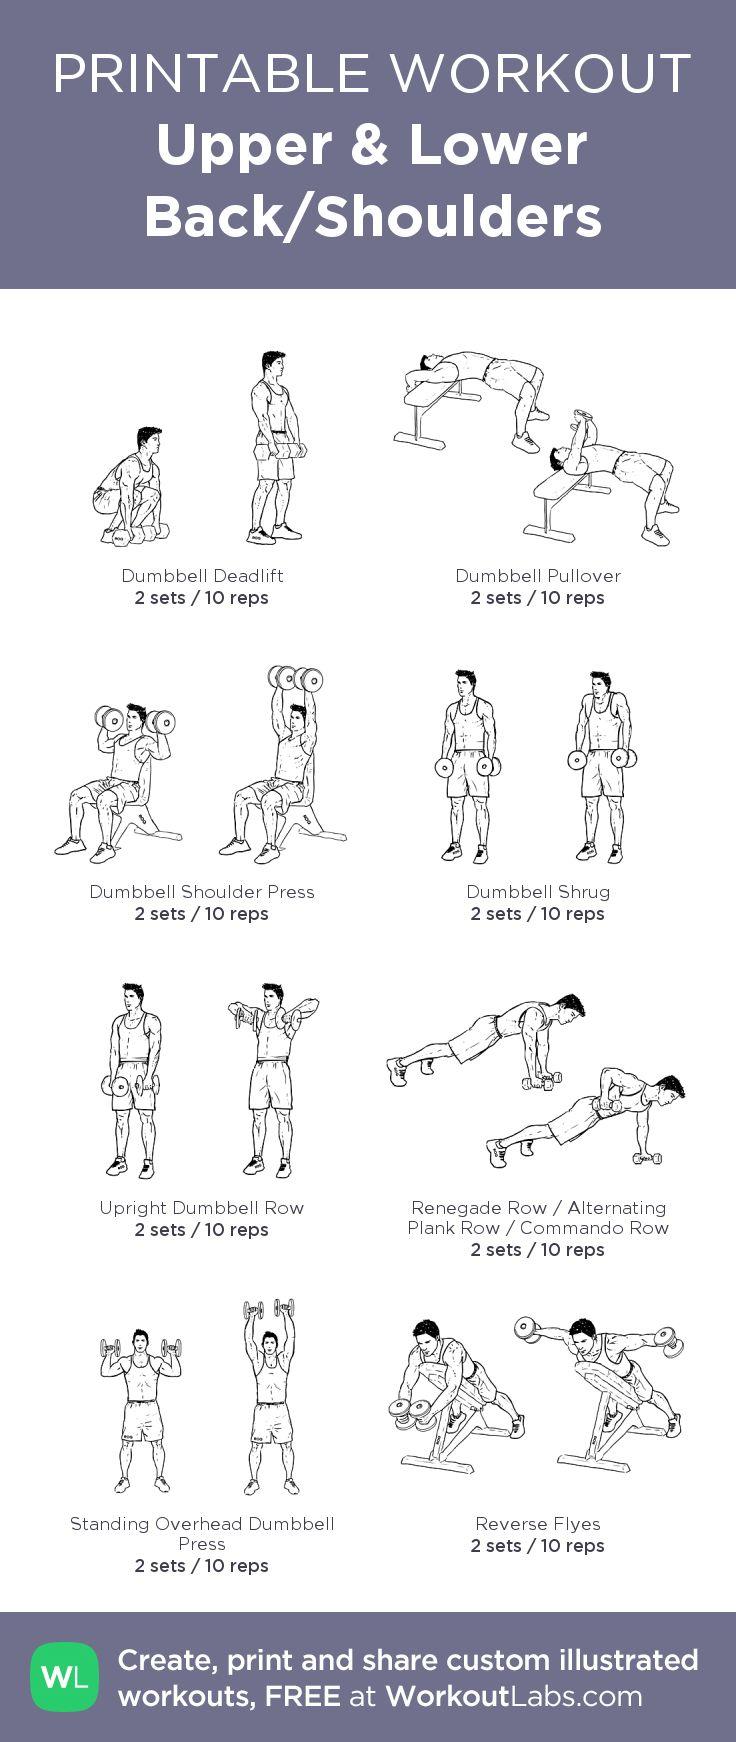 Upper& Lower Back/Shoulders:my custom printable workout by @WorkoutLabs #workoutlabs #customworkout